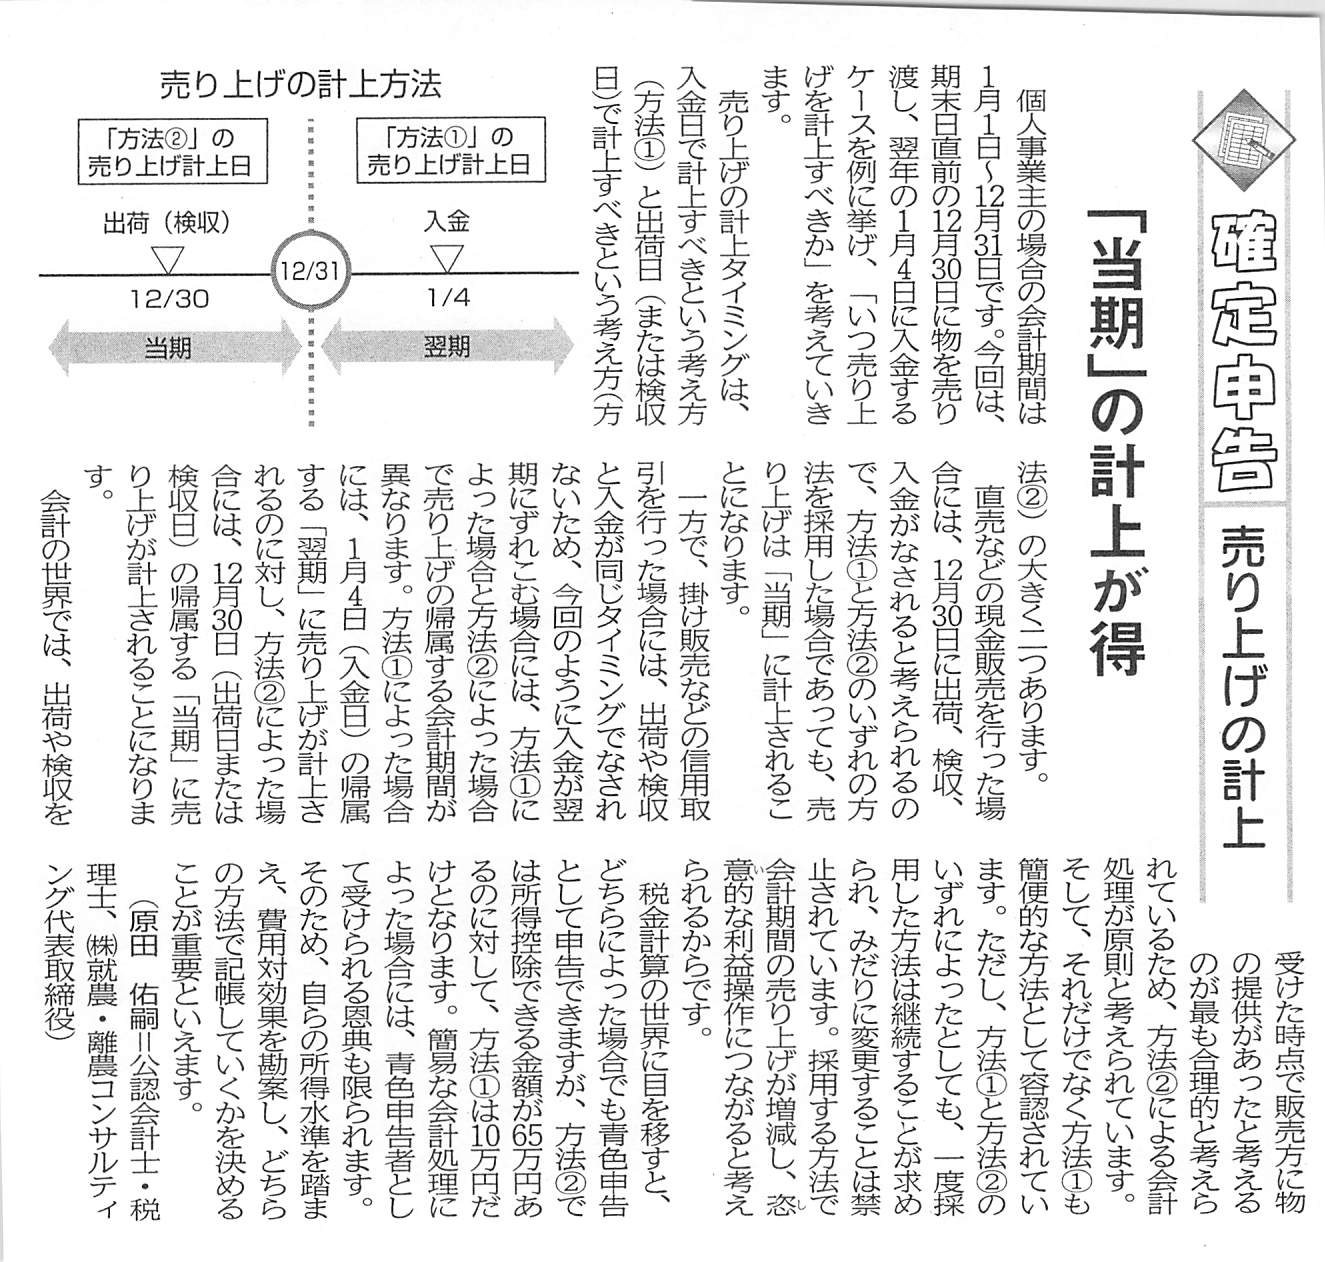 7/6記事